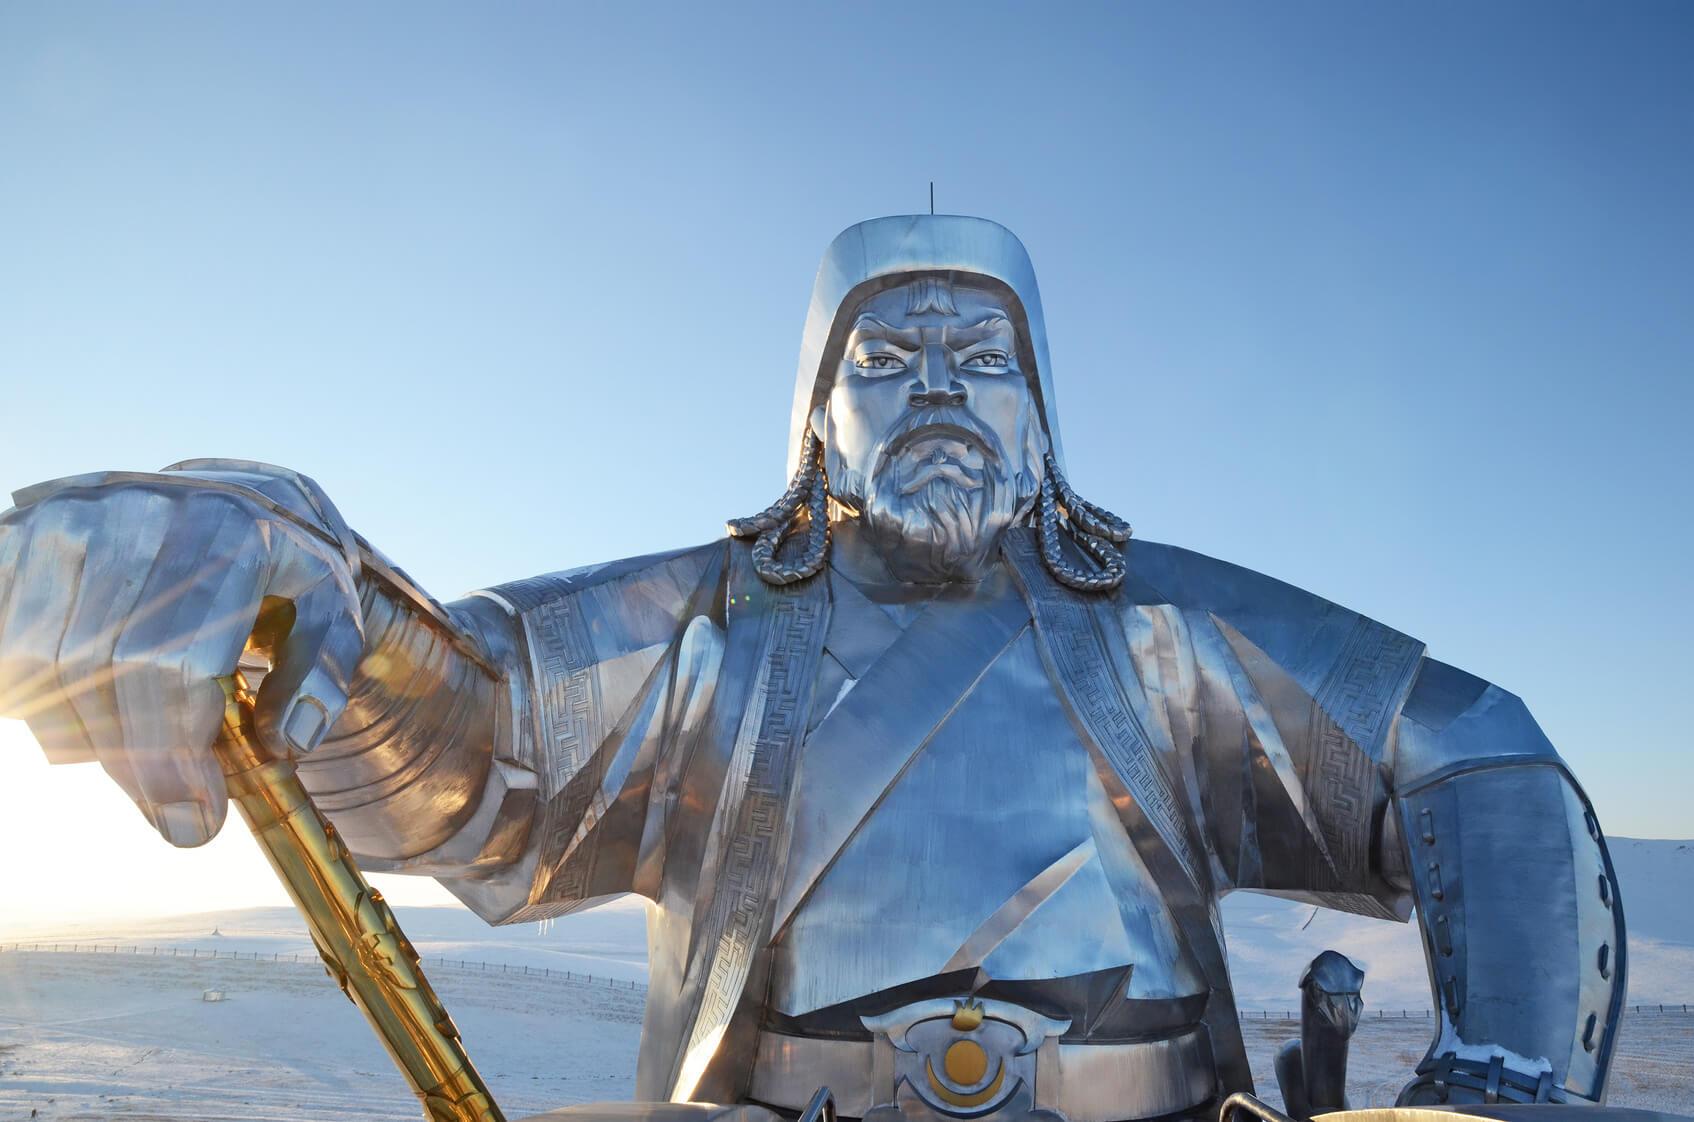 imperio mongol: gengis kan